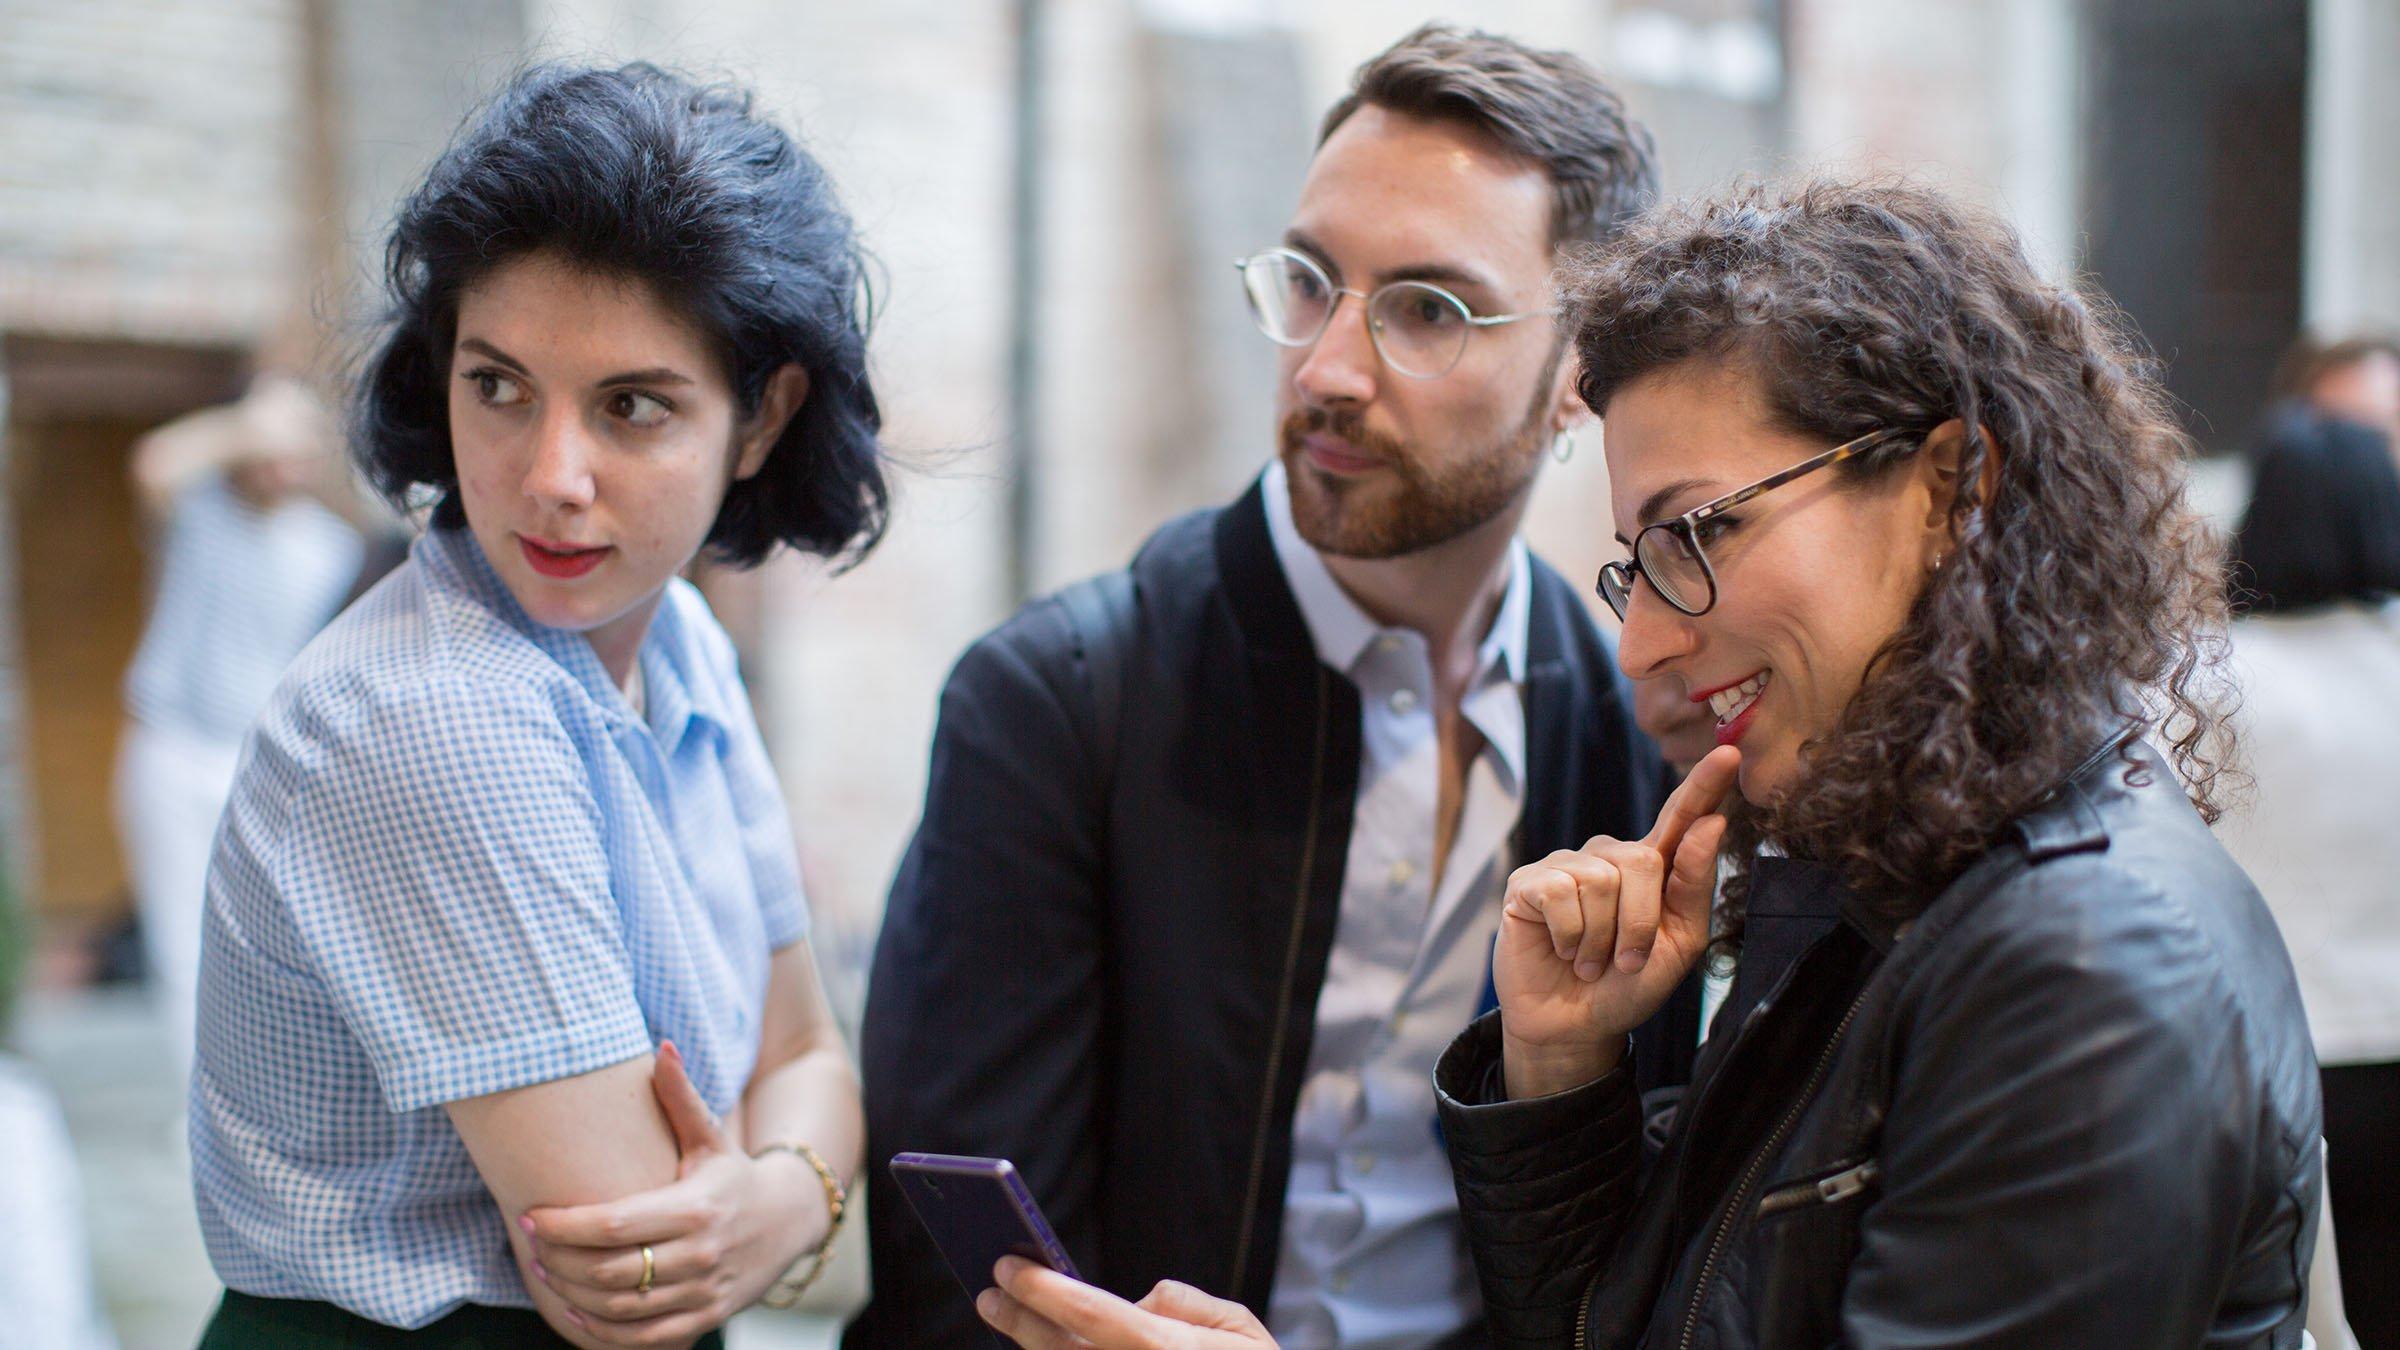 la moda en París de hombre y mujer